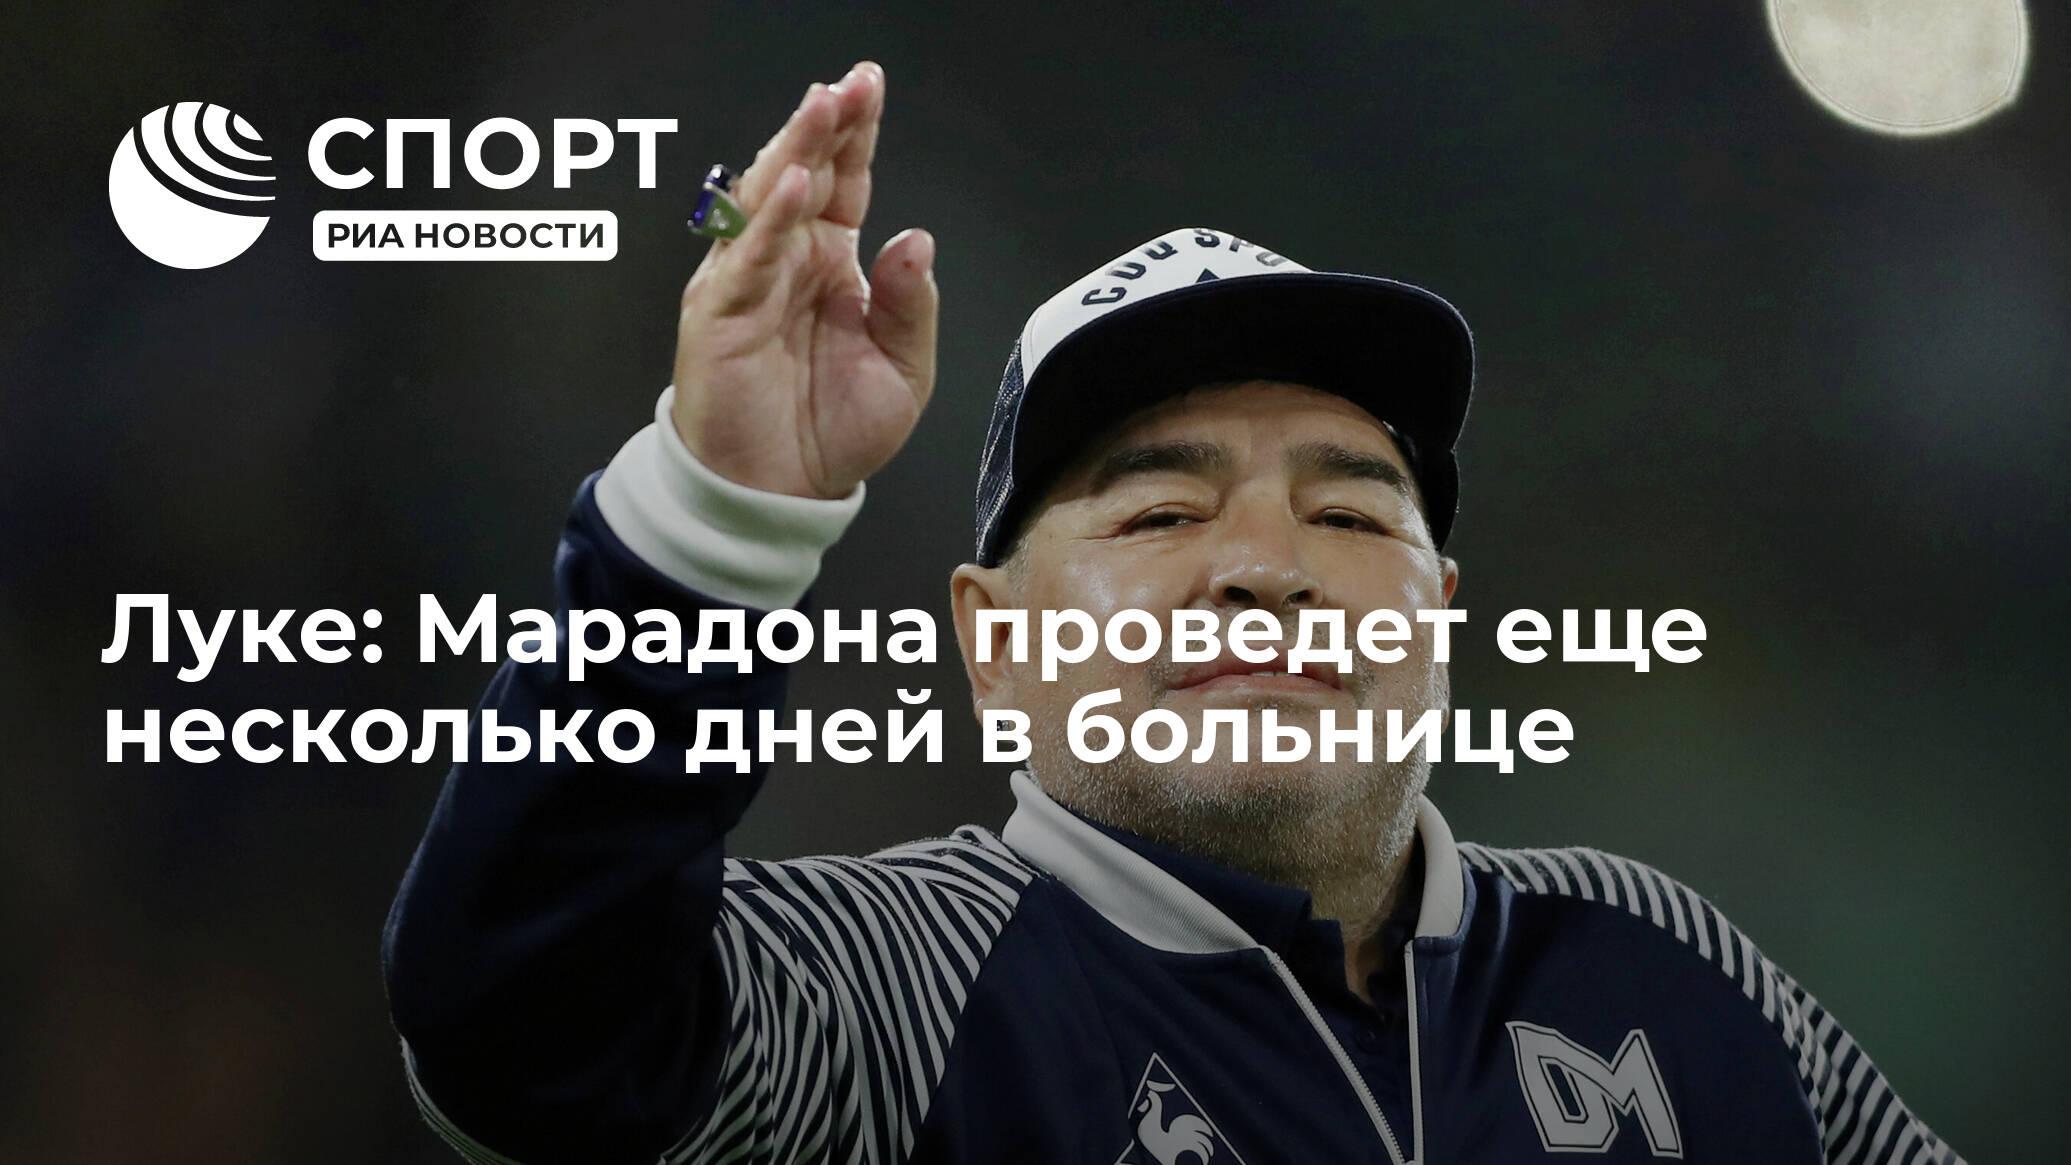 Photo of Луке: Марадона проведет еще несколько дней в больнице | Спорт РИА Новости